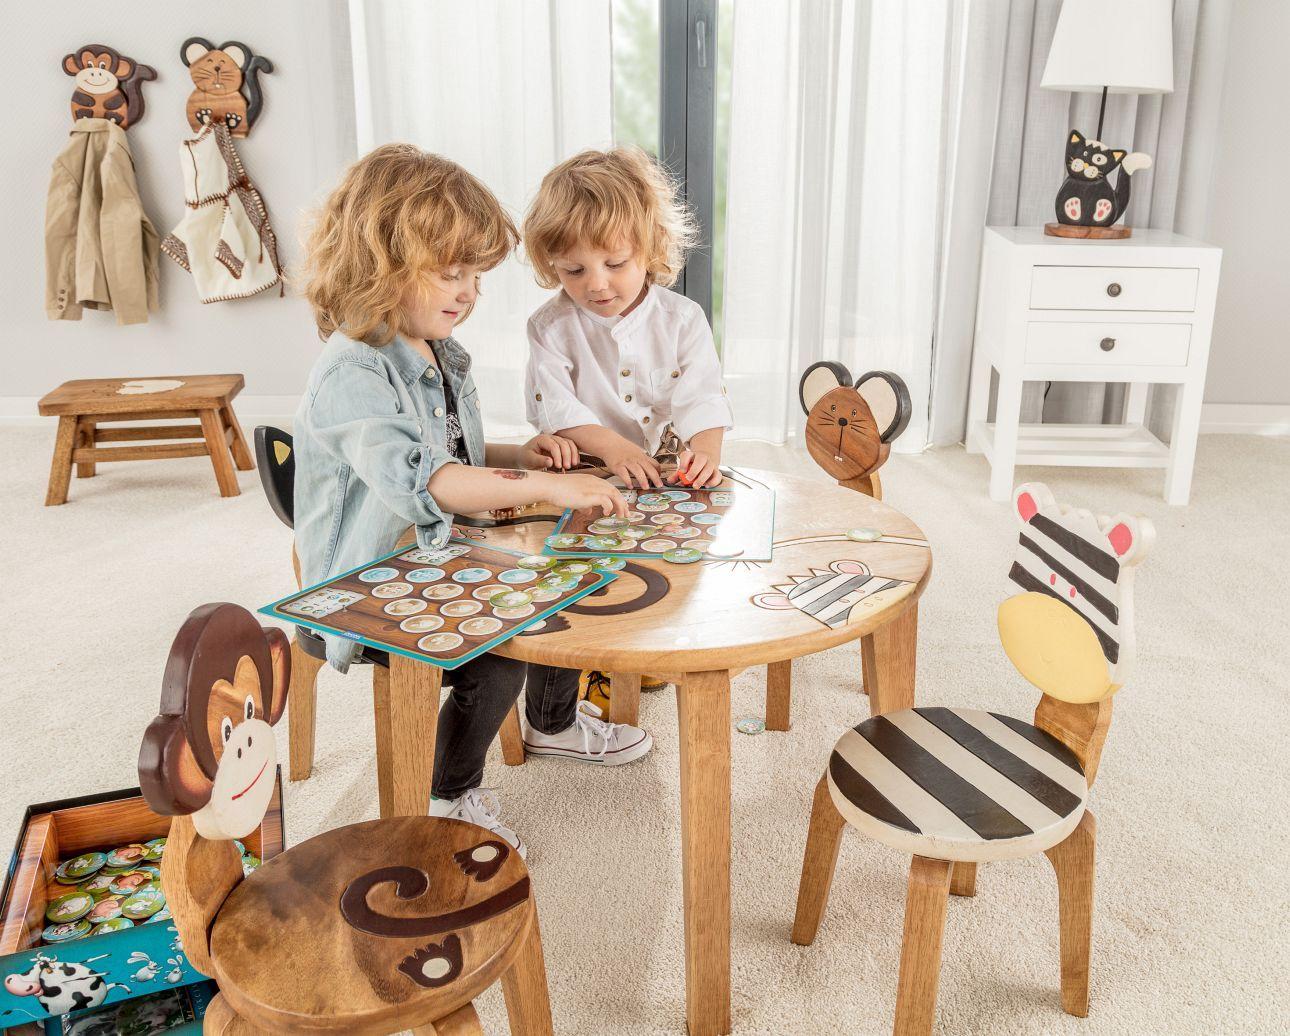 Rozwojowe meble-zabawki do pokoju dziecka